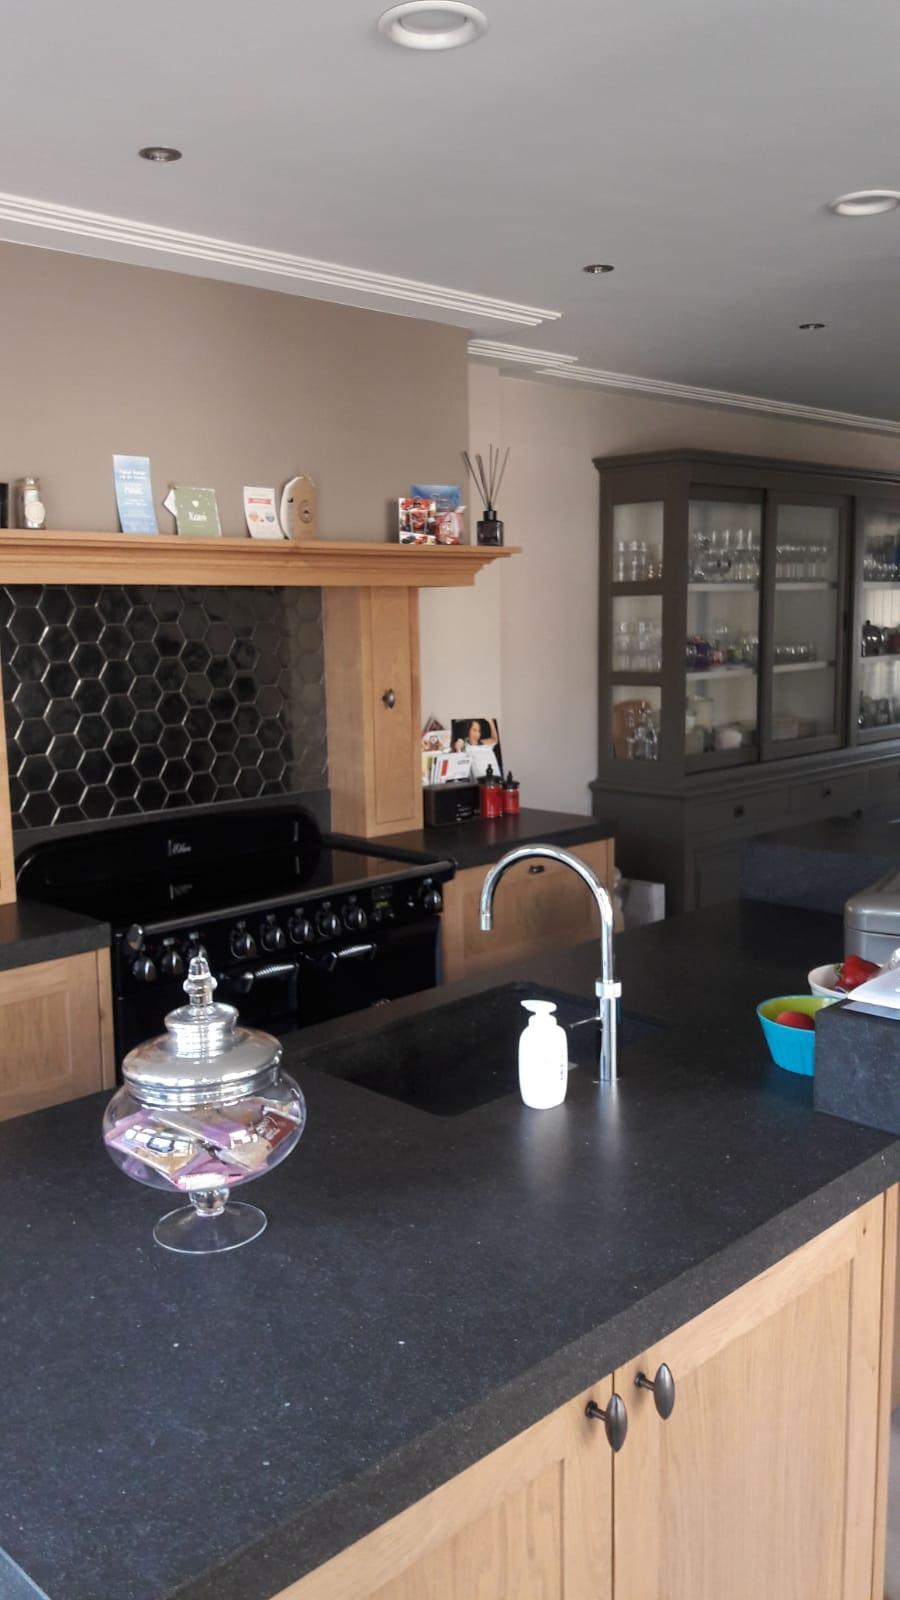 Landelijke keuken massief eiken met een eiland bar zitgedeelte Falcon inductie fornuis handgemaakt keuken Maatwerk op maat hout K2 Keukens en Meubels vakmanschap3